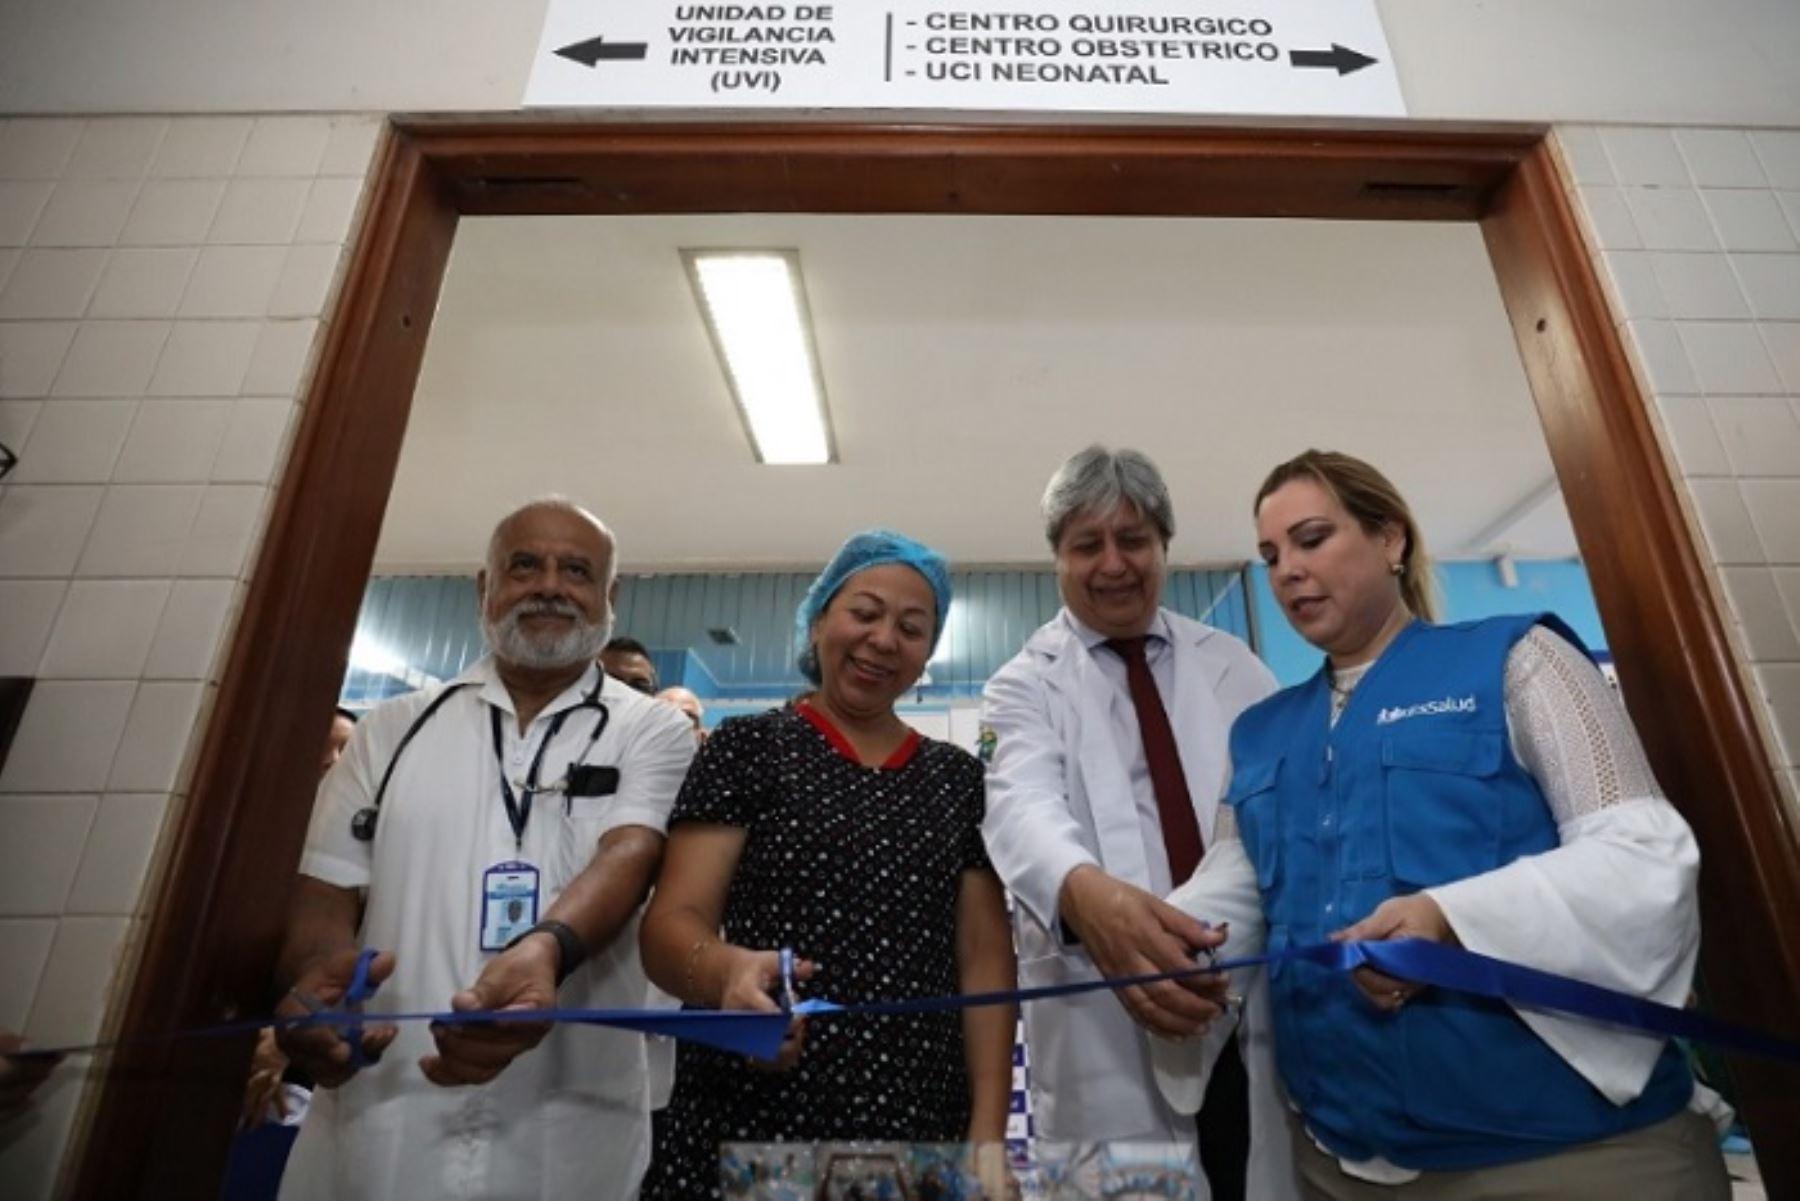 Renovados ambientes en los centros quirúrgico y obstétrico, así como en la Unidad de Cuidados Intensivos (UCI) de Neonatología del Hospital II de Pucallpa, que beneficiarán a más de 142,000 asegurados de la región Ucayali, fueron presentados por la presidenta ejecutiva del Seguro Social de Salud (EsSalud), Fiorella Molinelli.